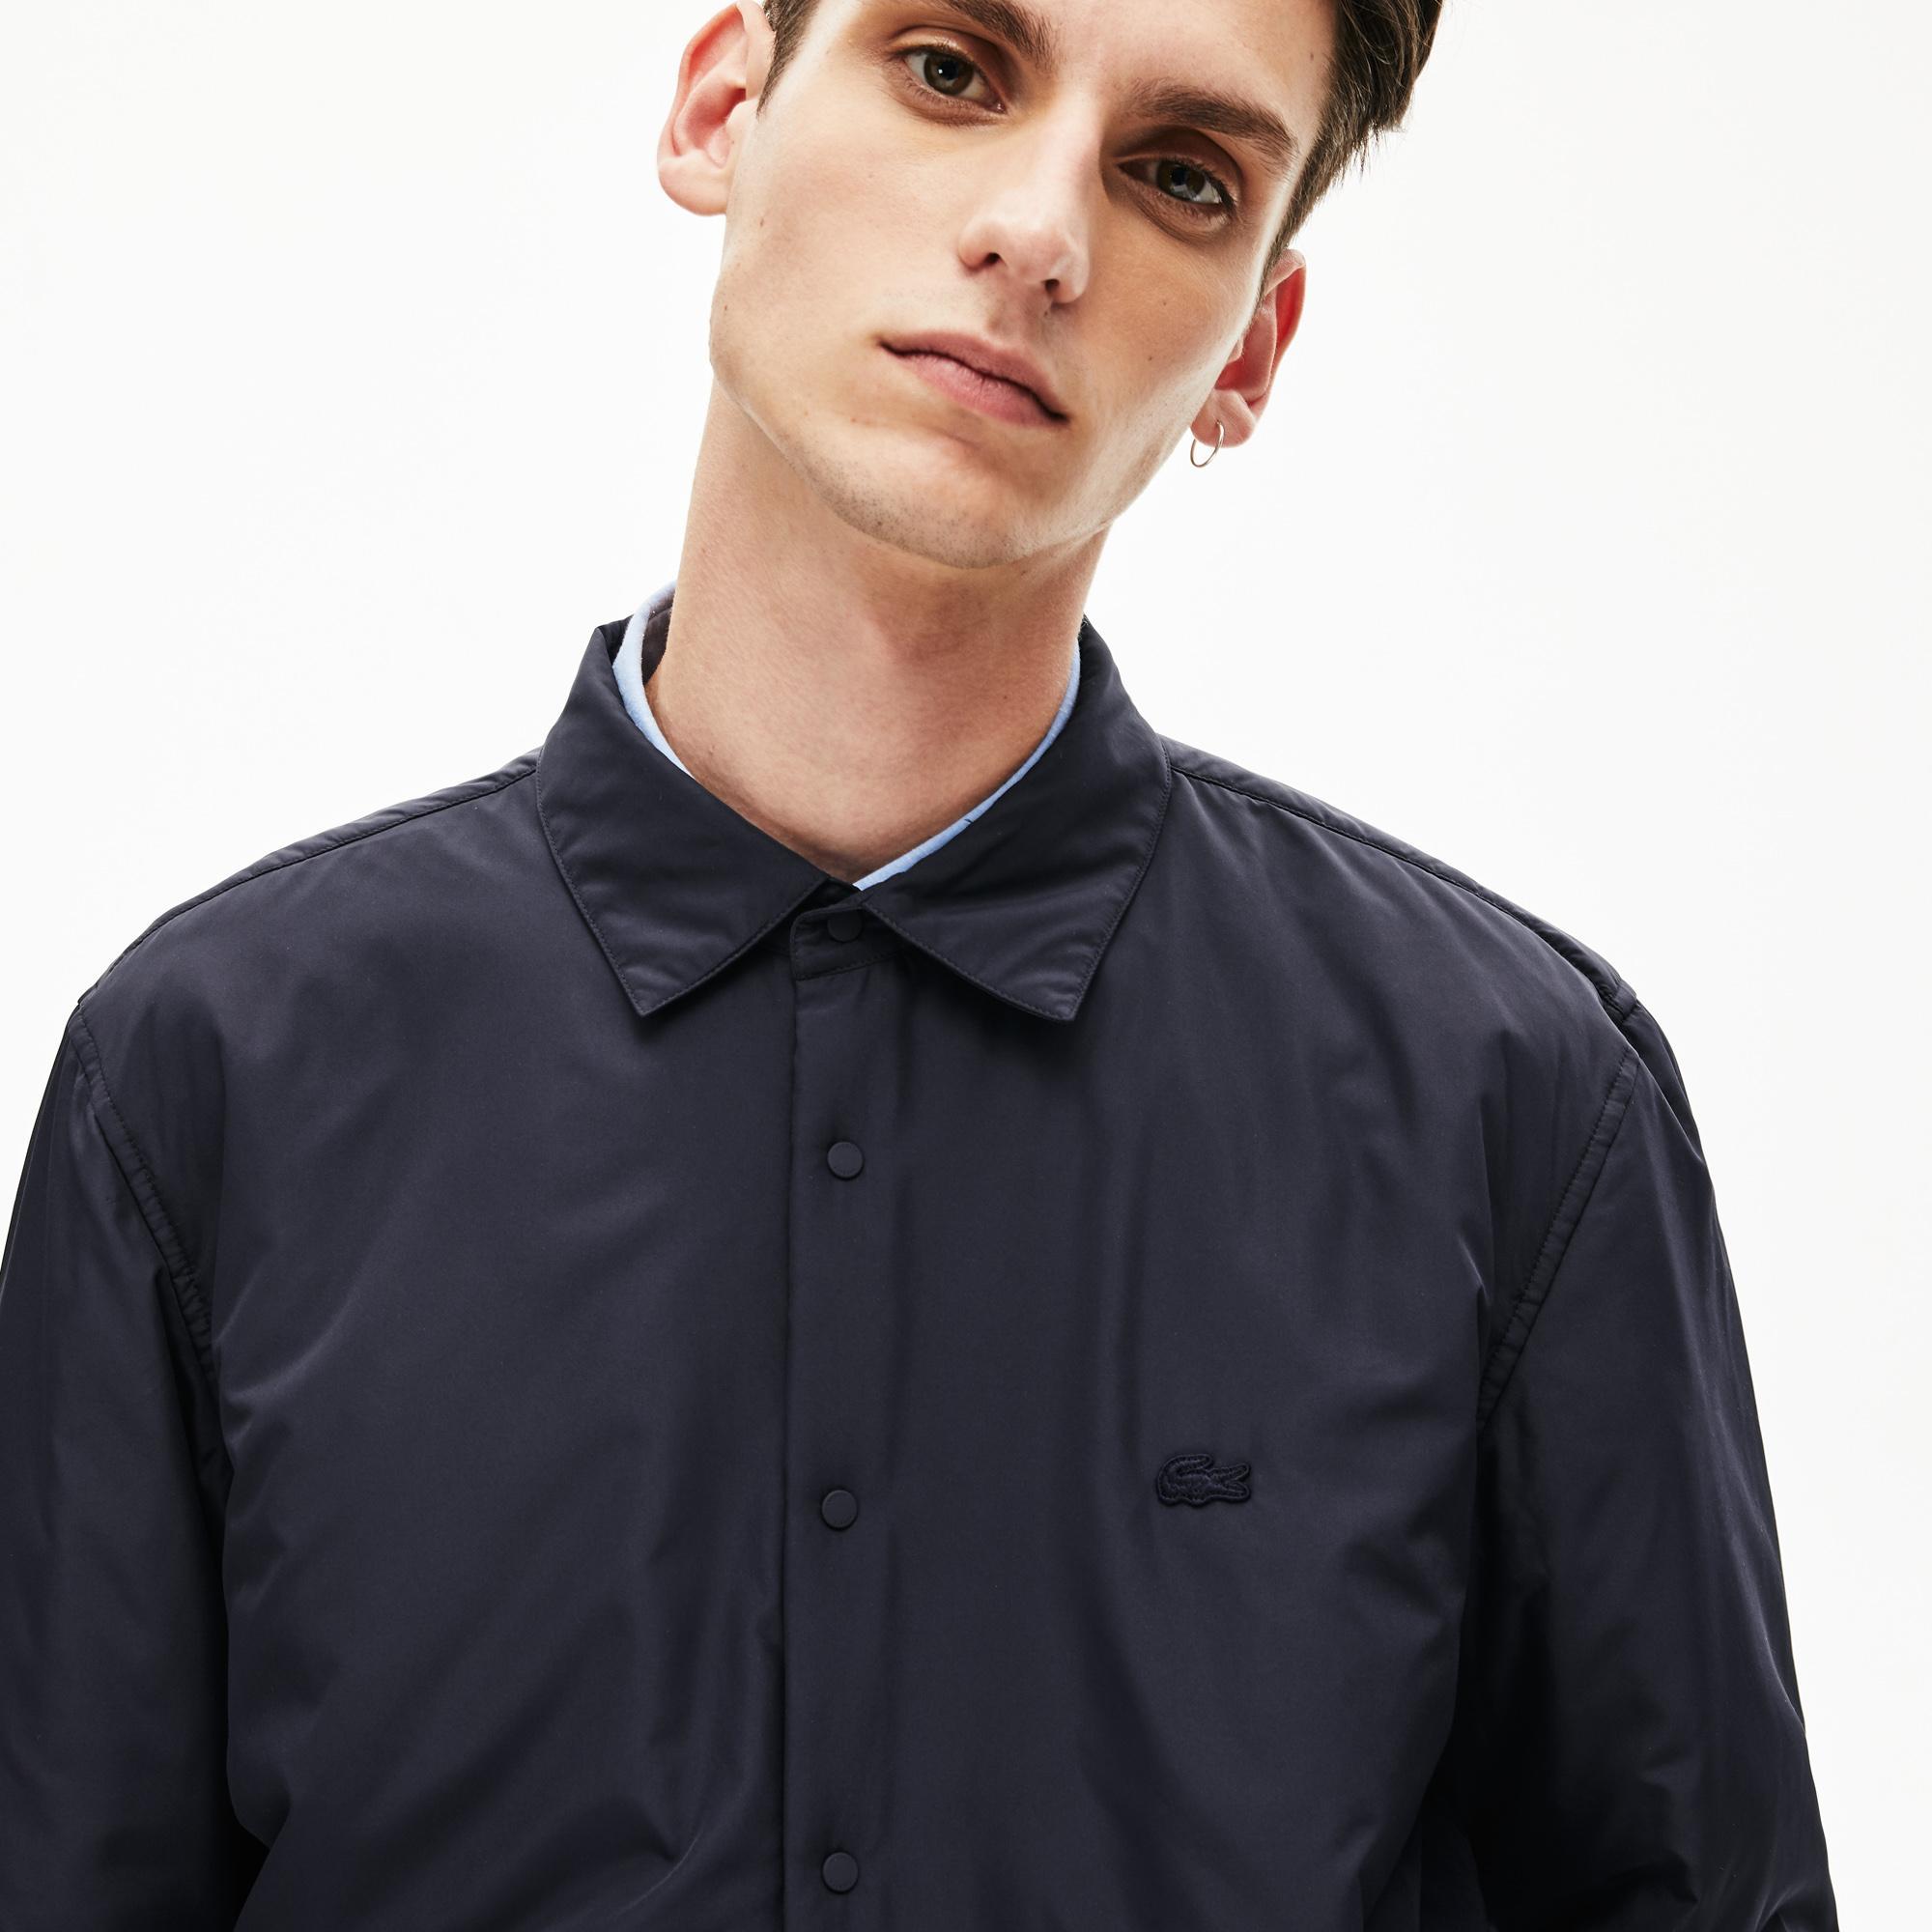 Lacoste Męska Jednokolorowa Koszula Wierzchnia Z Podszewką